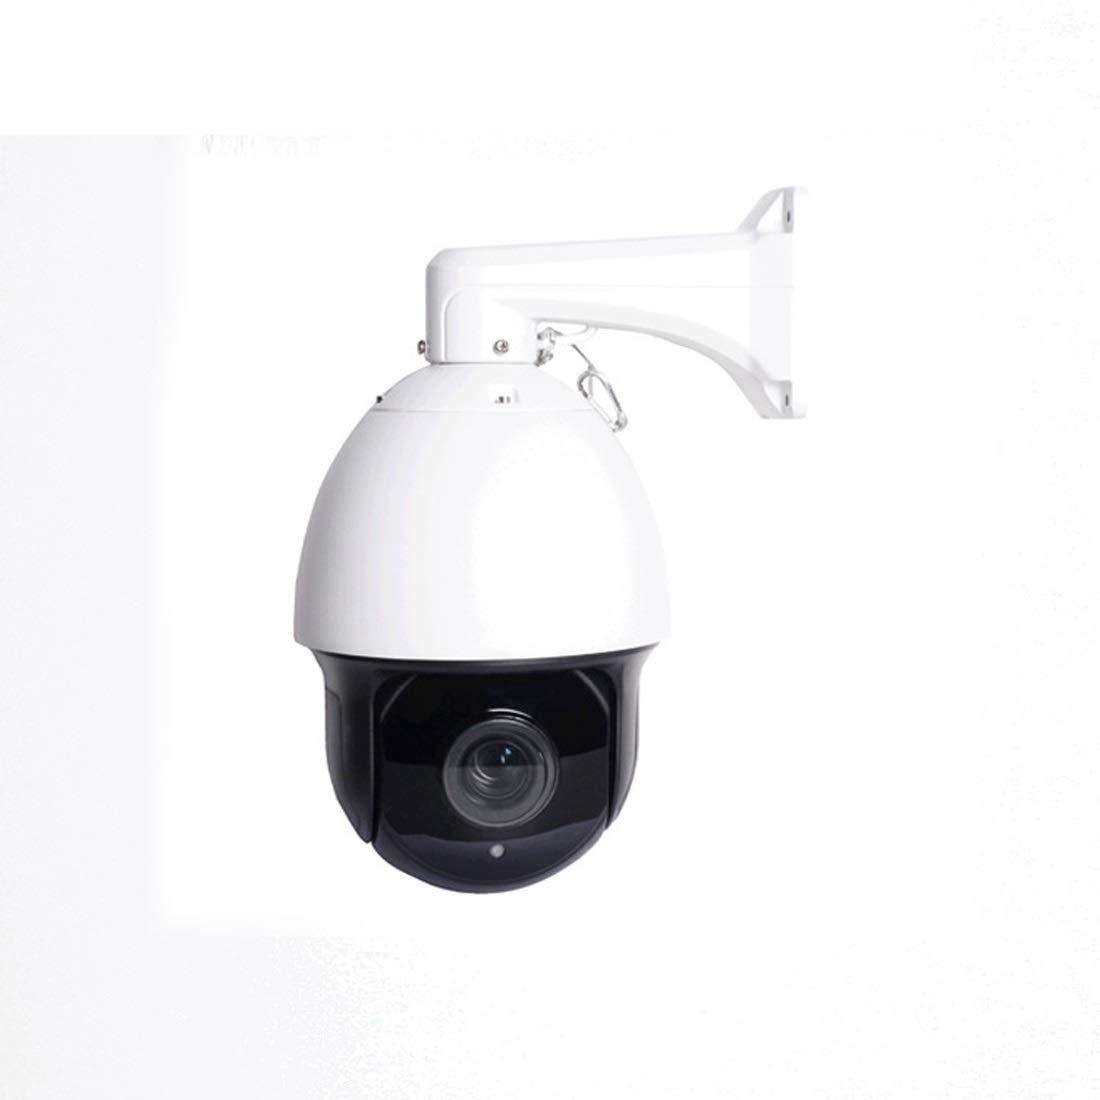 格安販売の JPAKIOS 防水ptzカメラモニターカメラ屋外スマートボール赤外線監視カメラ (色 : ホワイト)  ホワイト B07QQS8CH1, イナガワチョウ c3d243bf